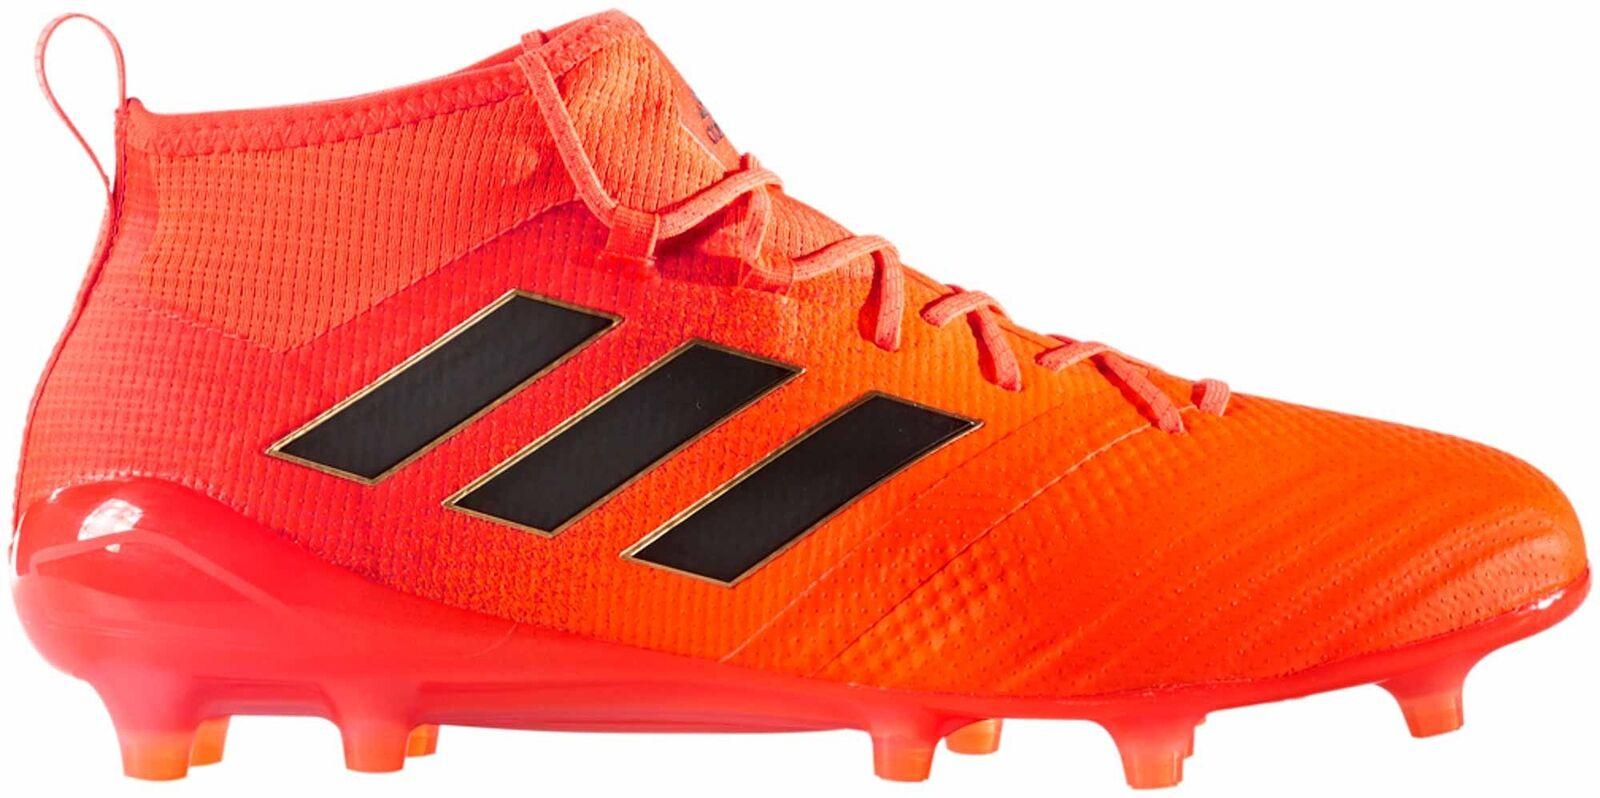 Adidas ACE 17.1 para hombres Terreno Firme botas De Fútbol-Naranja Tamaño 6 a 12